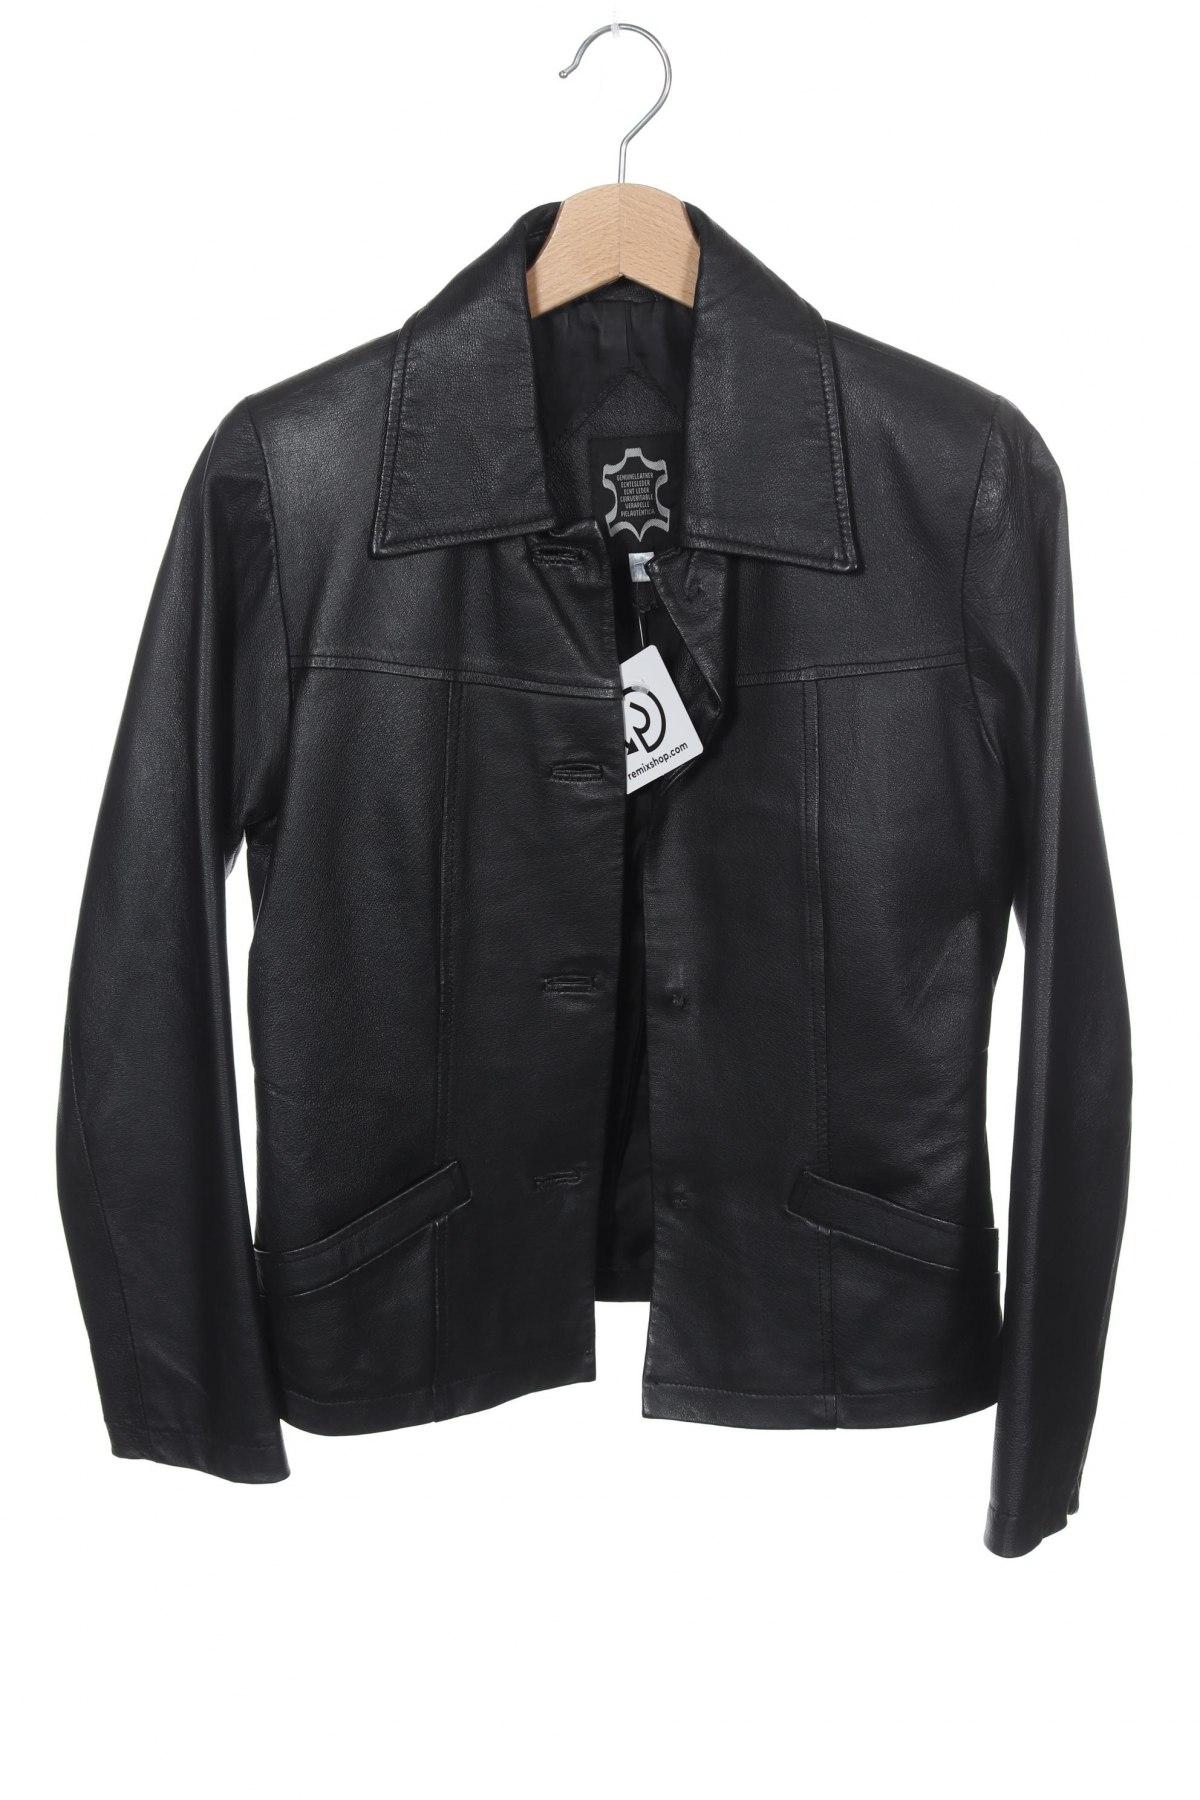 Γυναικείο δερμάτινο μπουφάν, Μέγεθος XS, Χρώμα Μαύρο, Γνήσιο δέρμα, Τιμή 30,14€